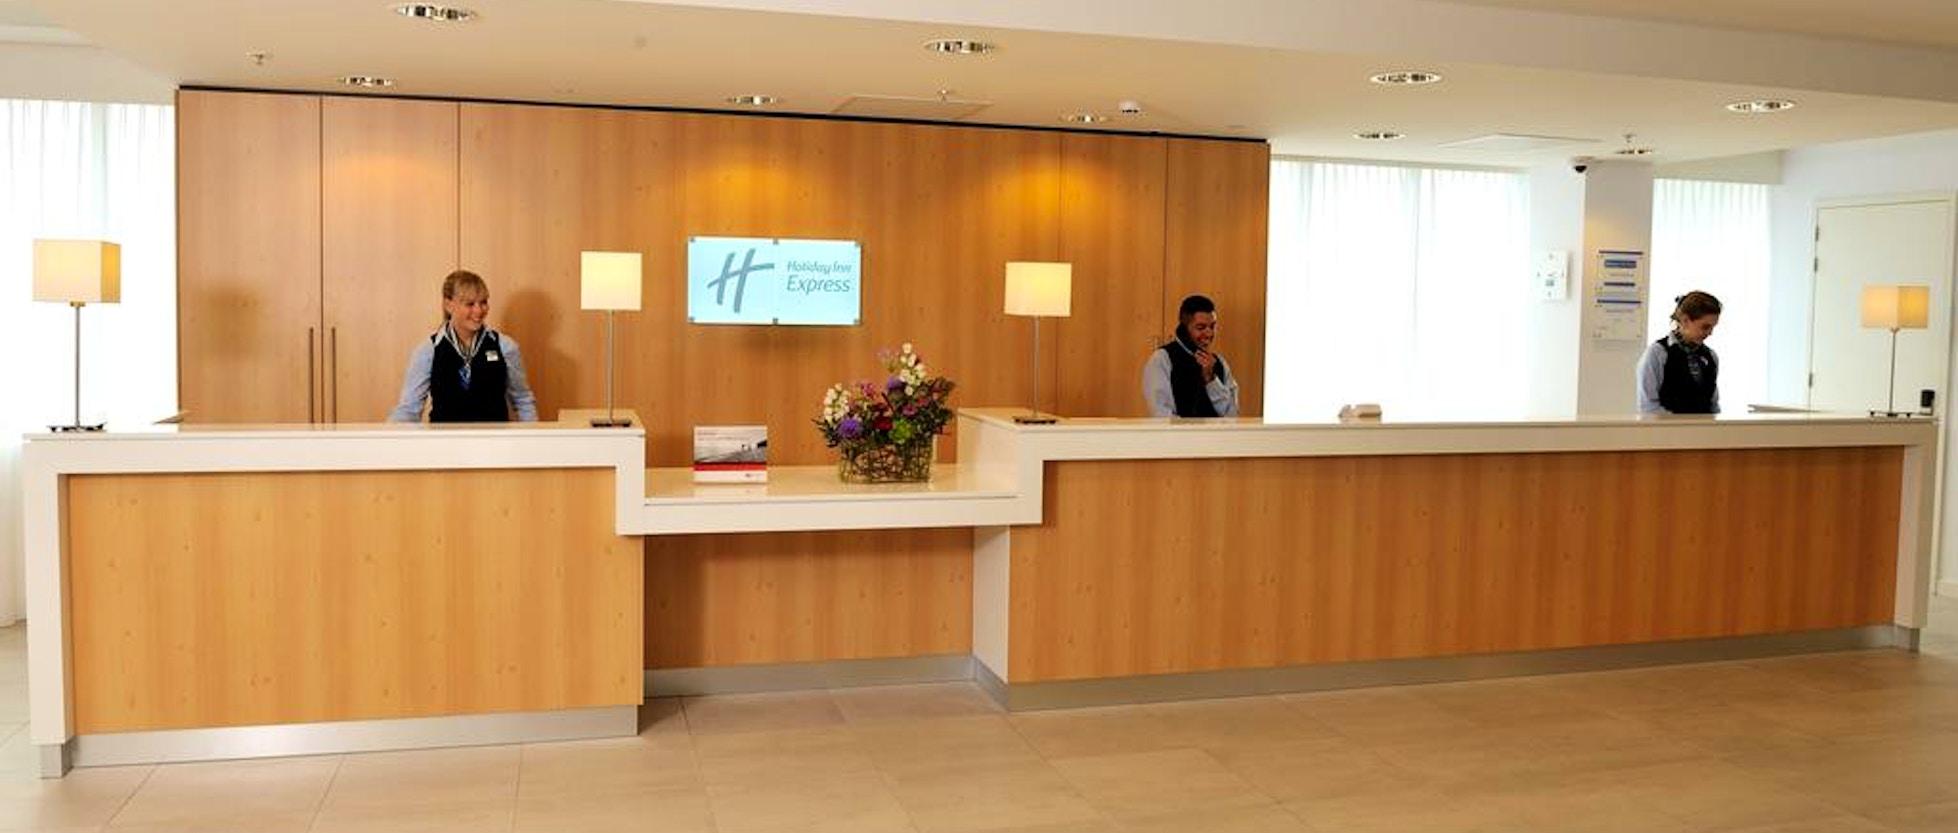 Holiday Inn Amsterdam: Ideale se viaggi in famiglia o per lavoro